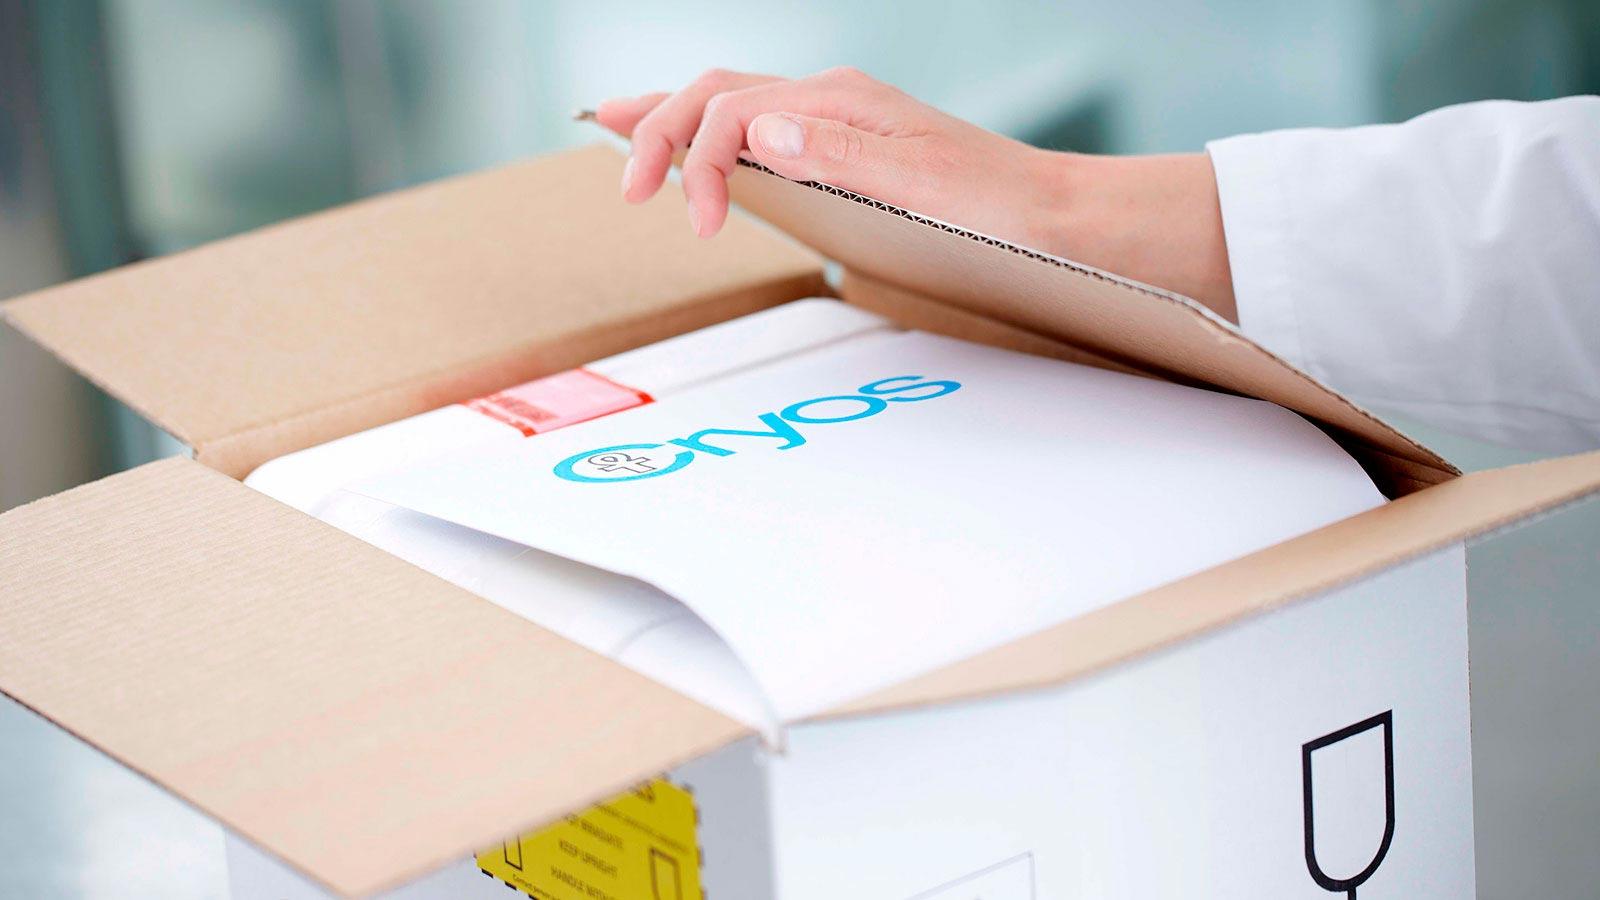 Empleado de Cryos preparando una caja de hielo seco para el envío de esperma de donante a un cliente